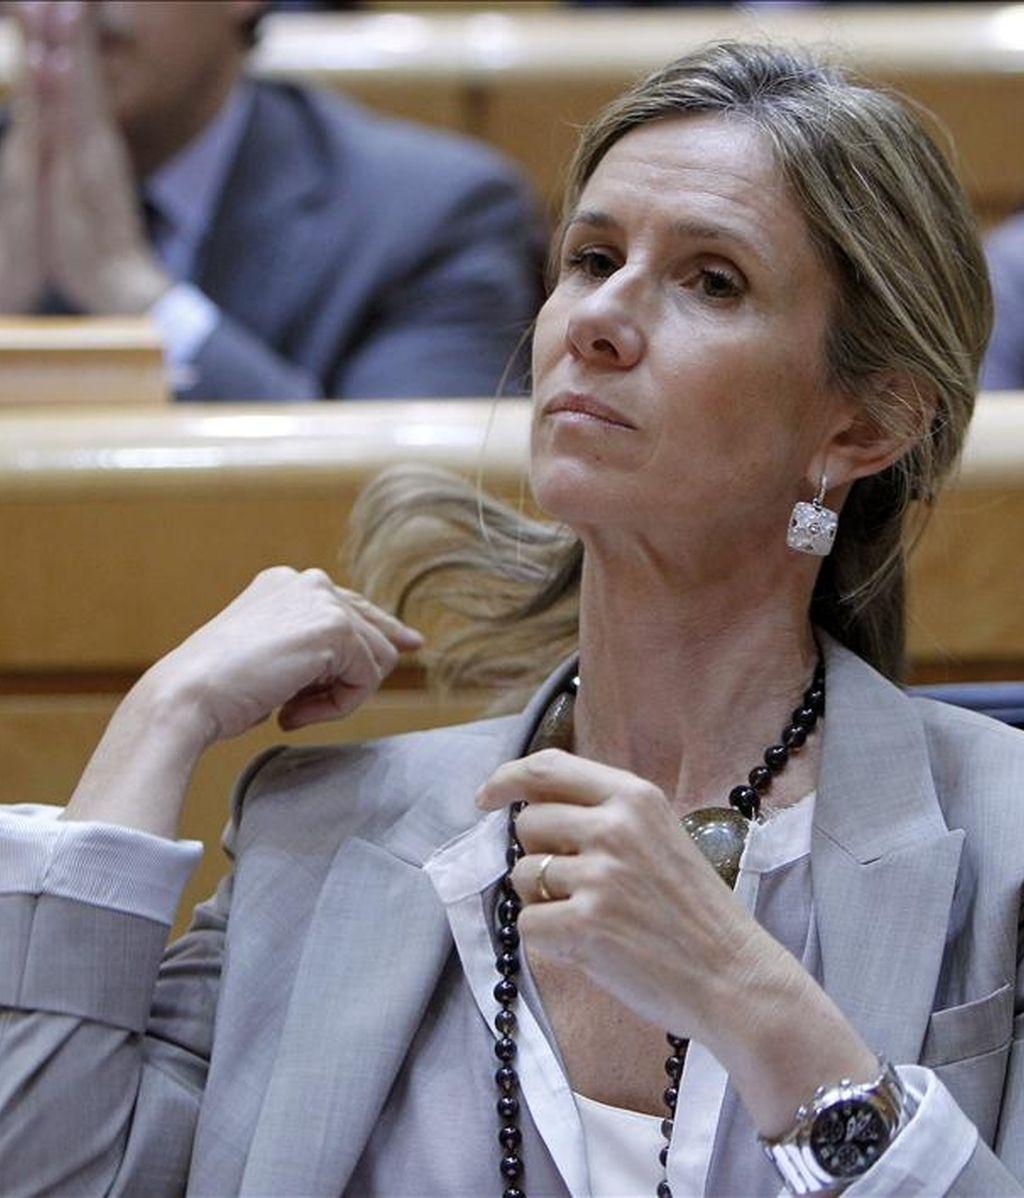 La ministra de Ciencia e Innovación, Cristina Garmendia, durante un pleno en el Senado. EFE/Archivo